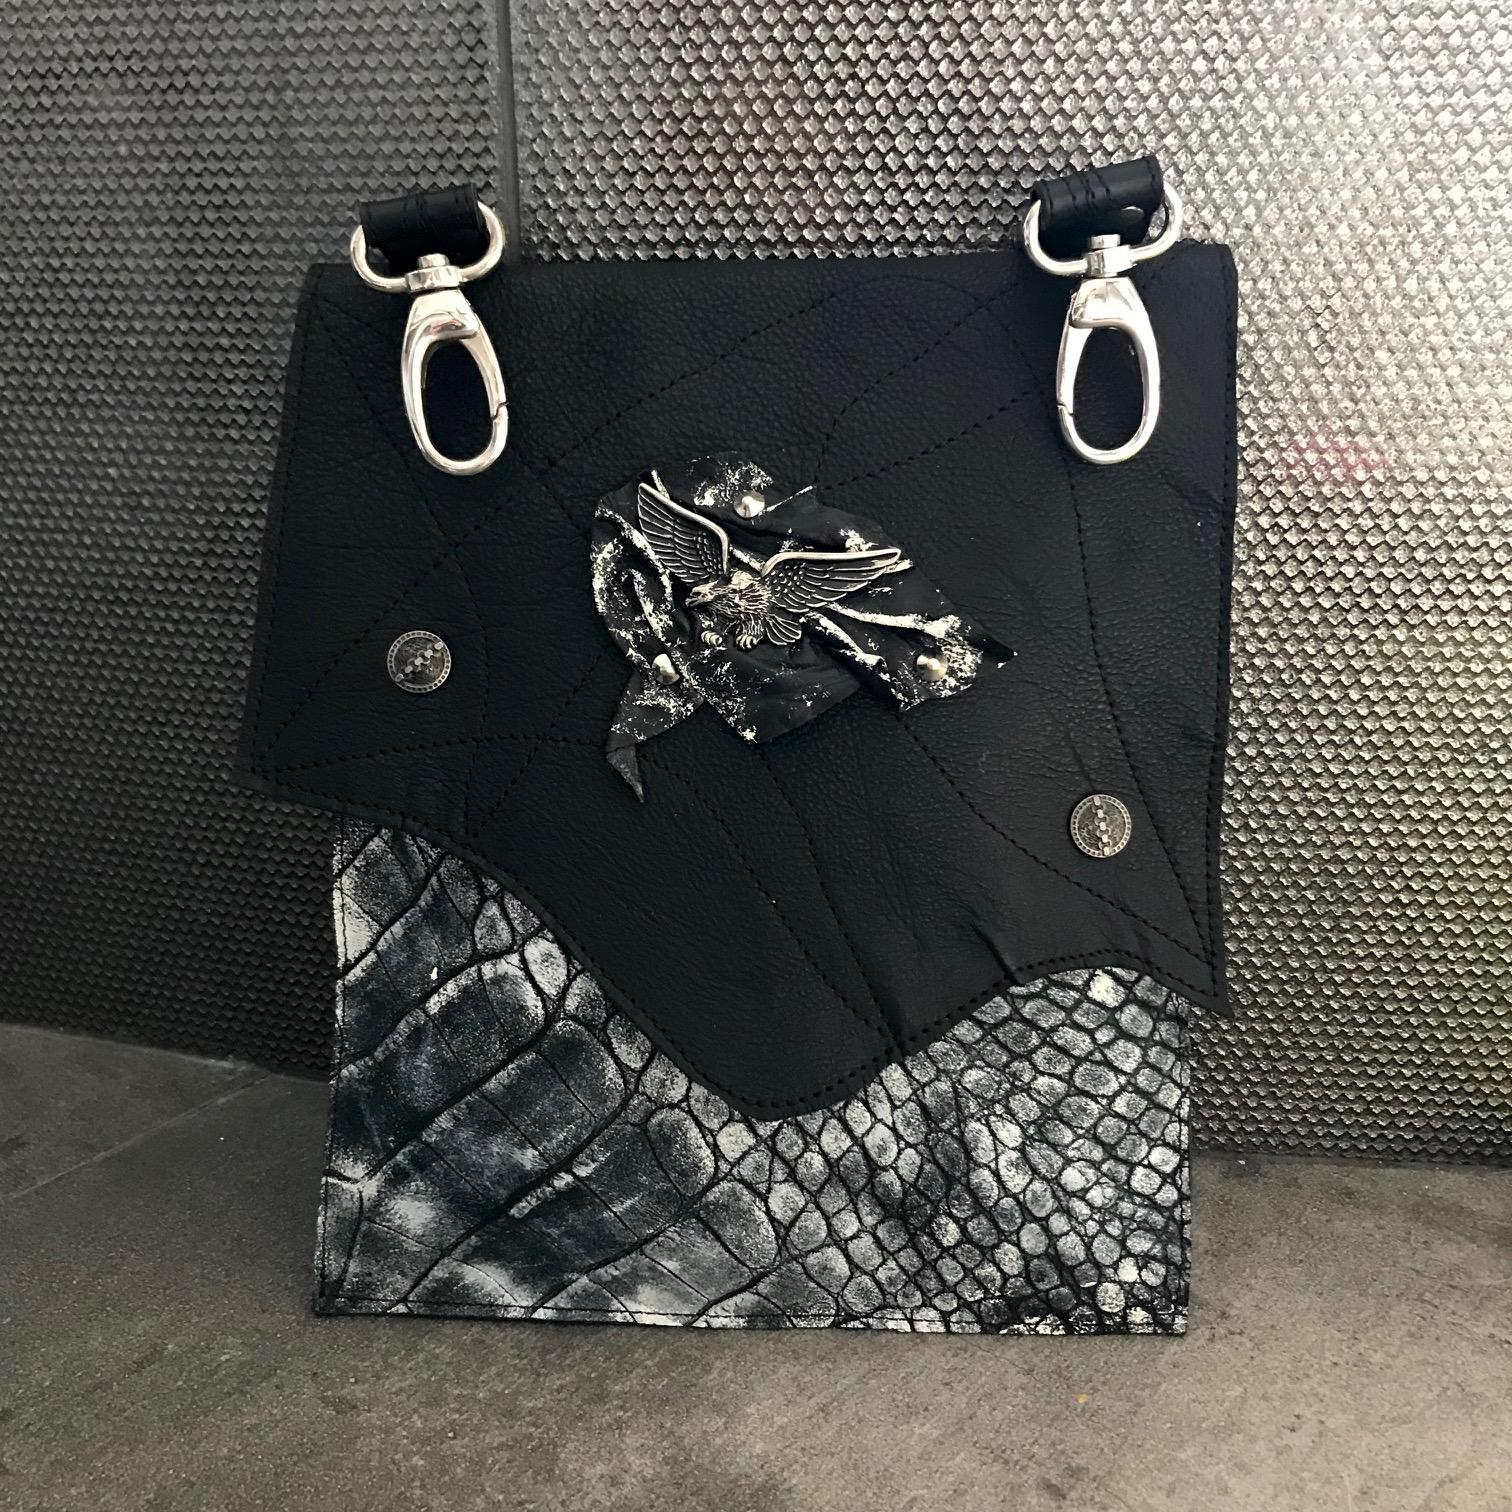 Snemljiva večnamenska priročna torbica EvilEve Hands Free Utility Bag